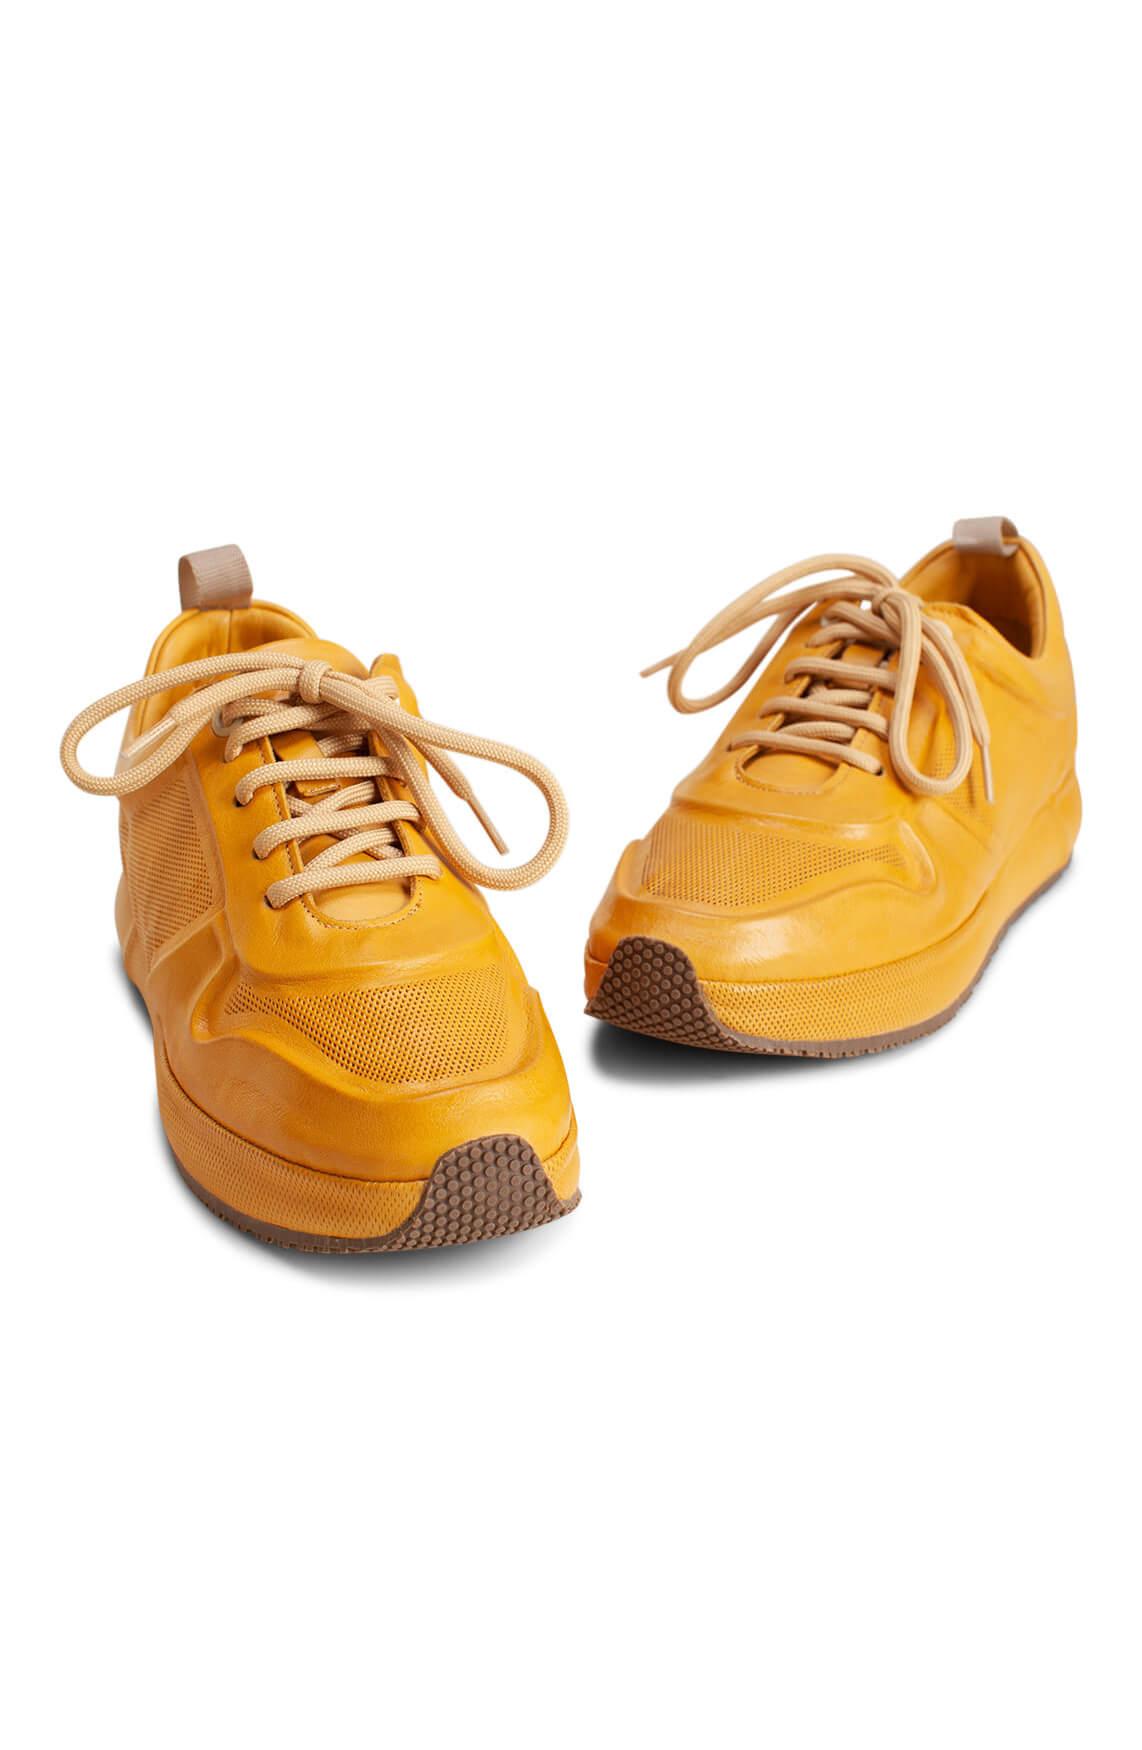 PostXChange Dames Sneaker met mesh geel